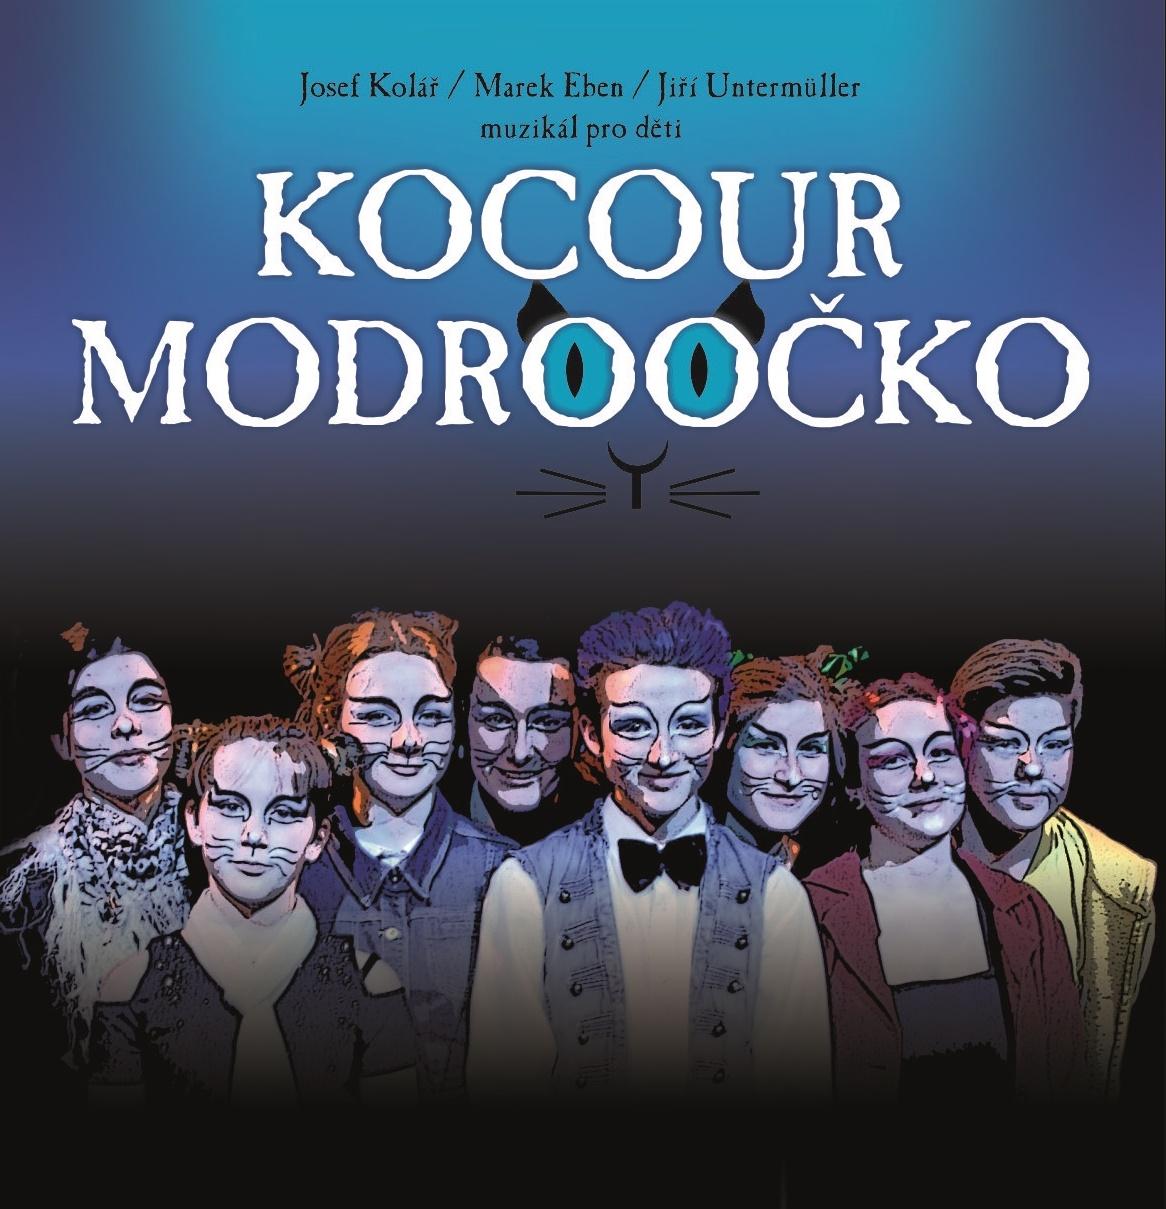 Kocour Modroočko - muzikál